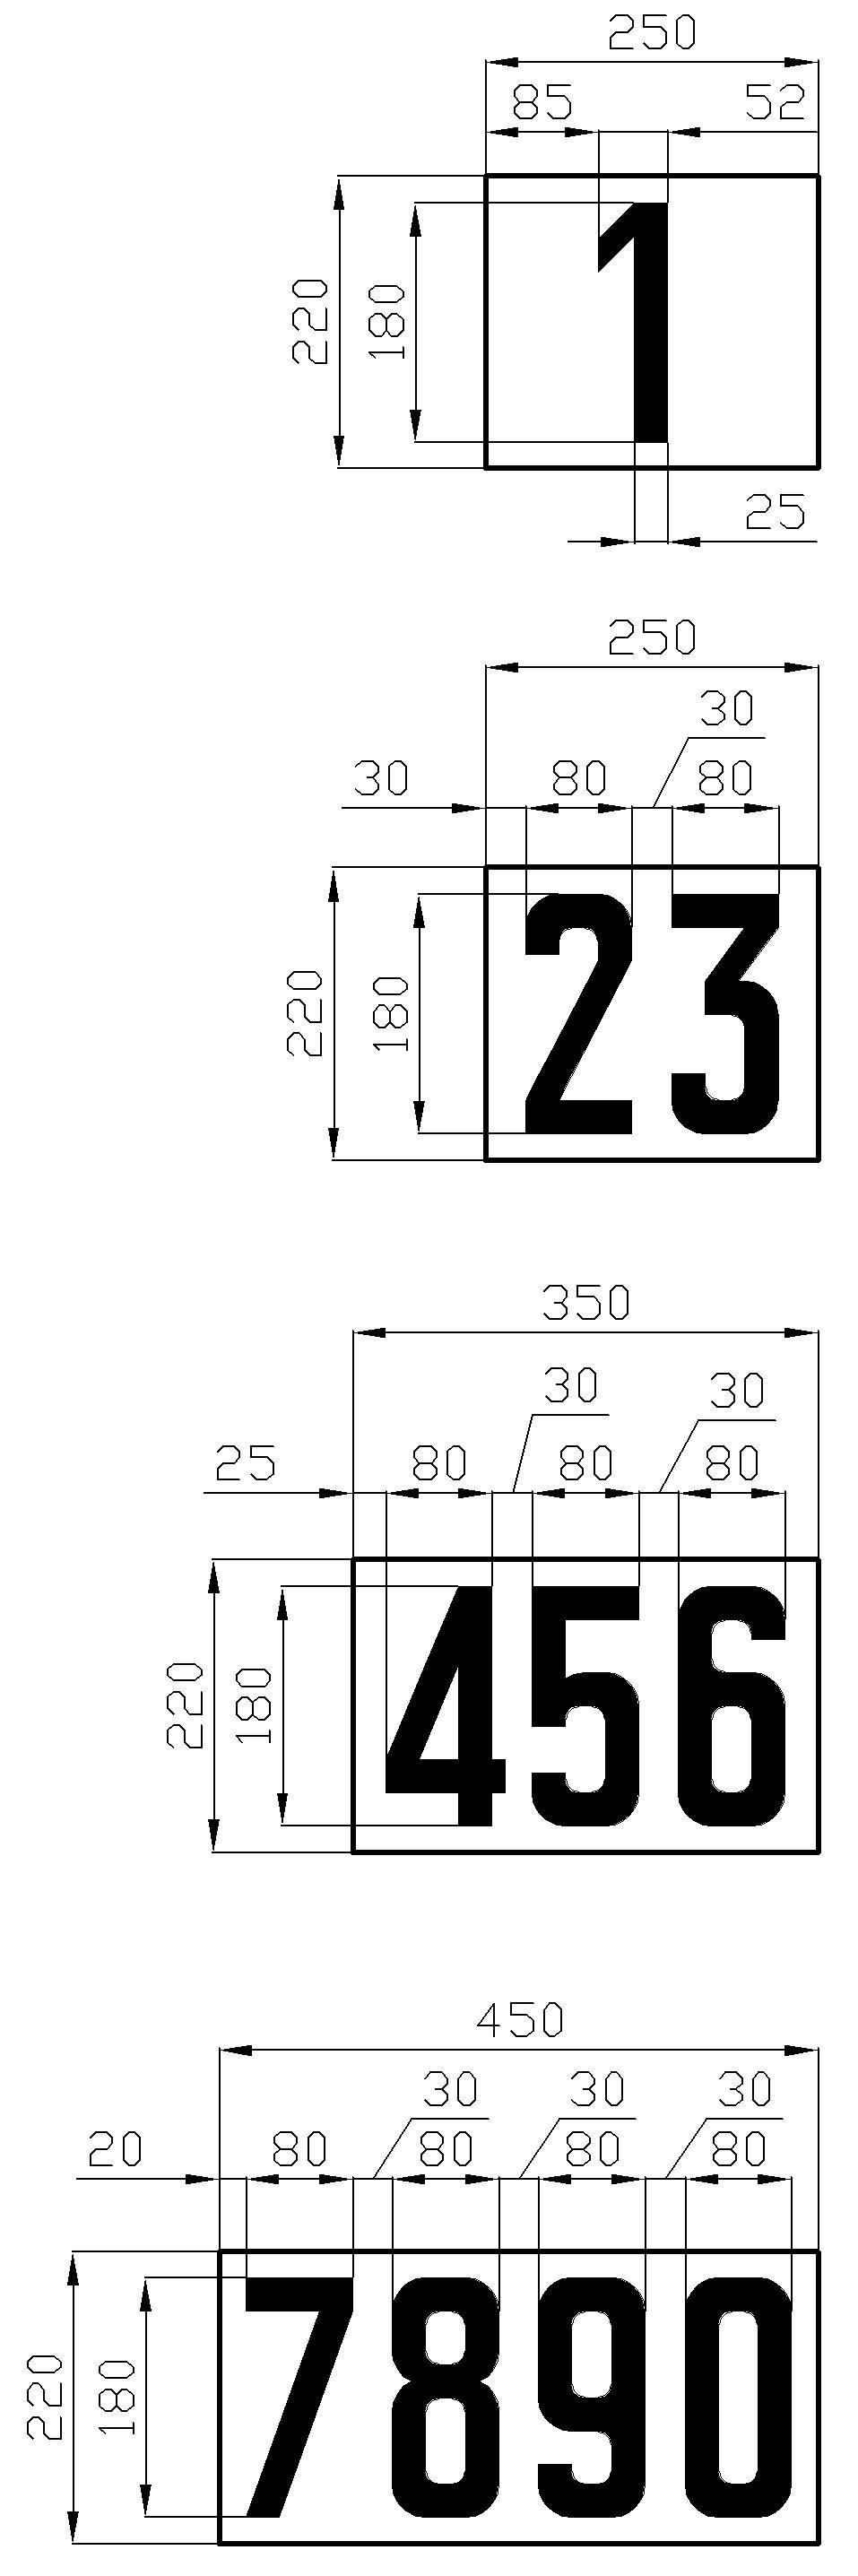 Рисунок 43. Вариант изготовления табличек путевых километровых знаков